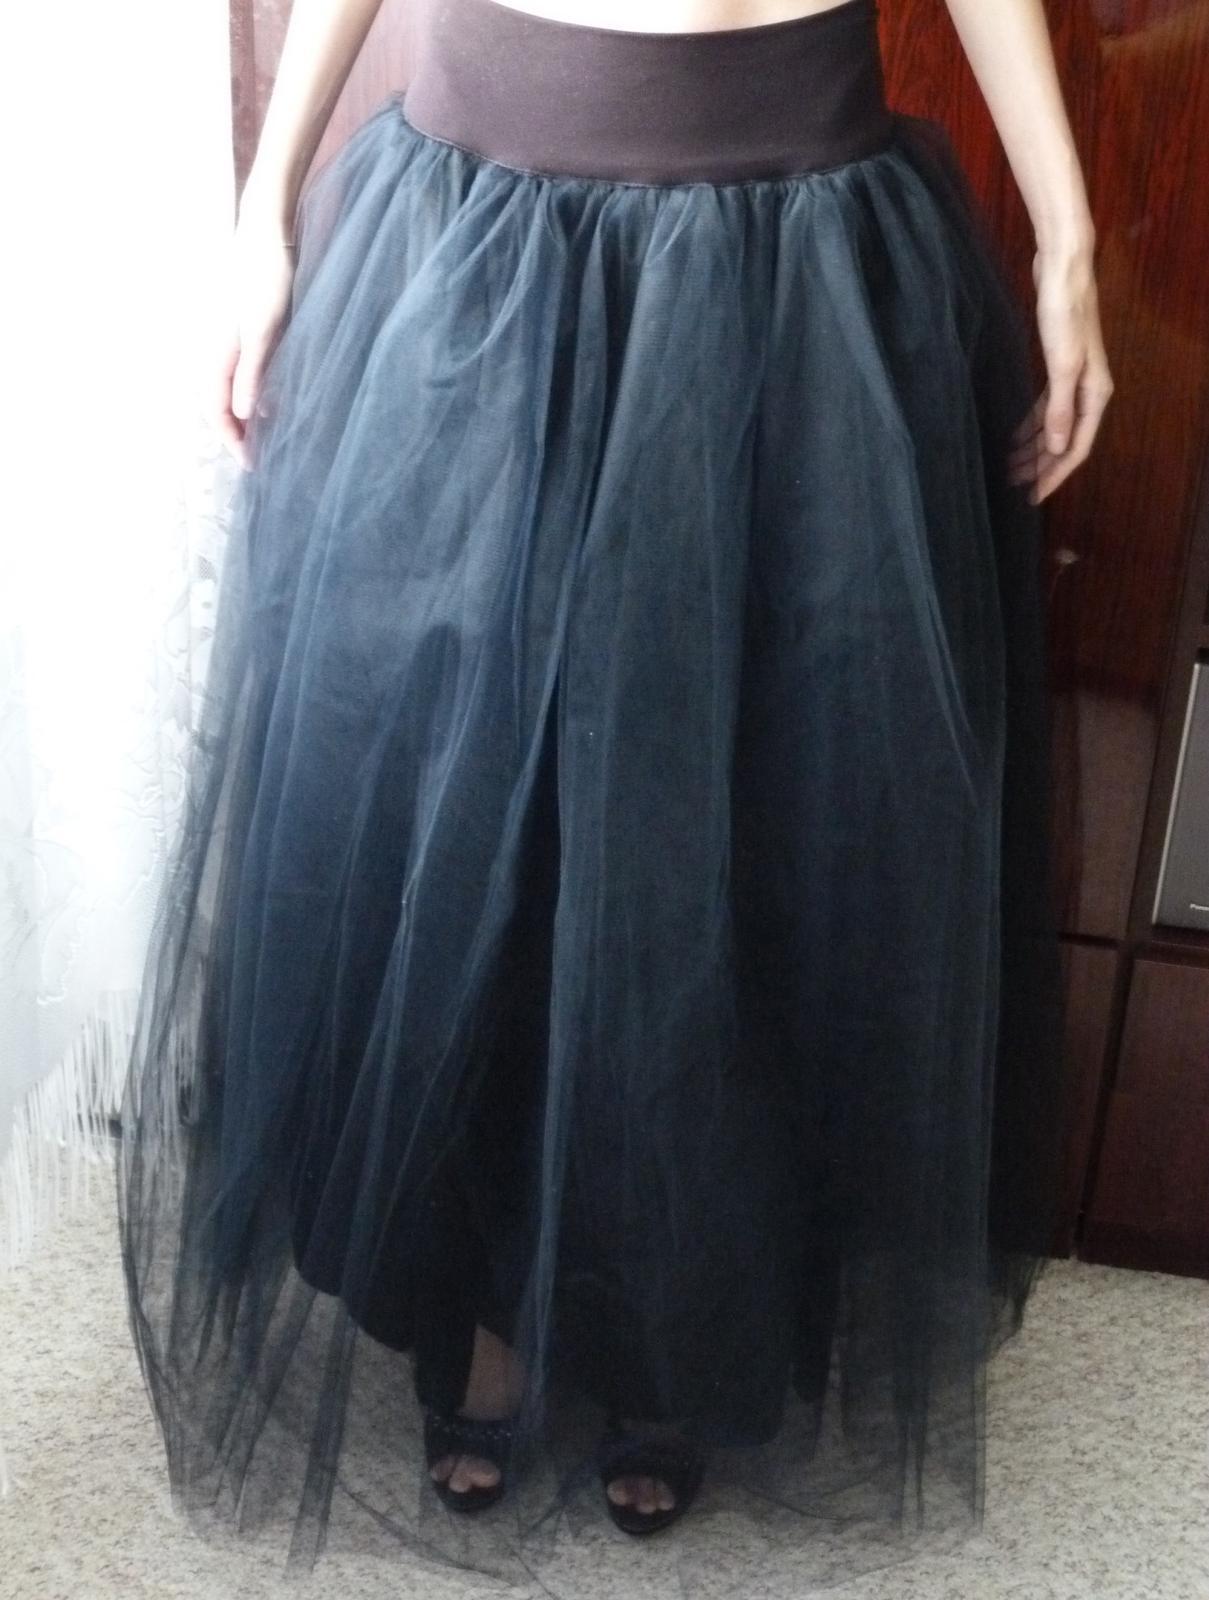 Koupila jsem tylovou sukni,... - Obrázek č. 2